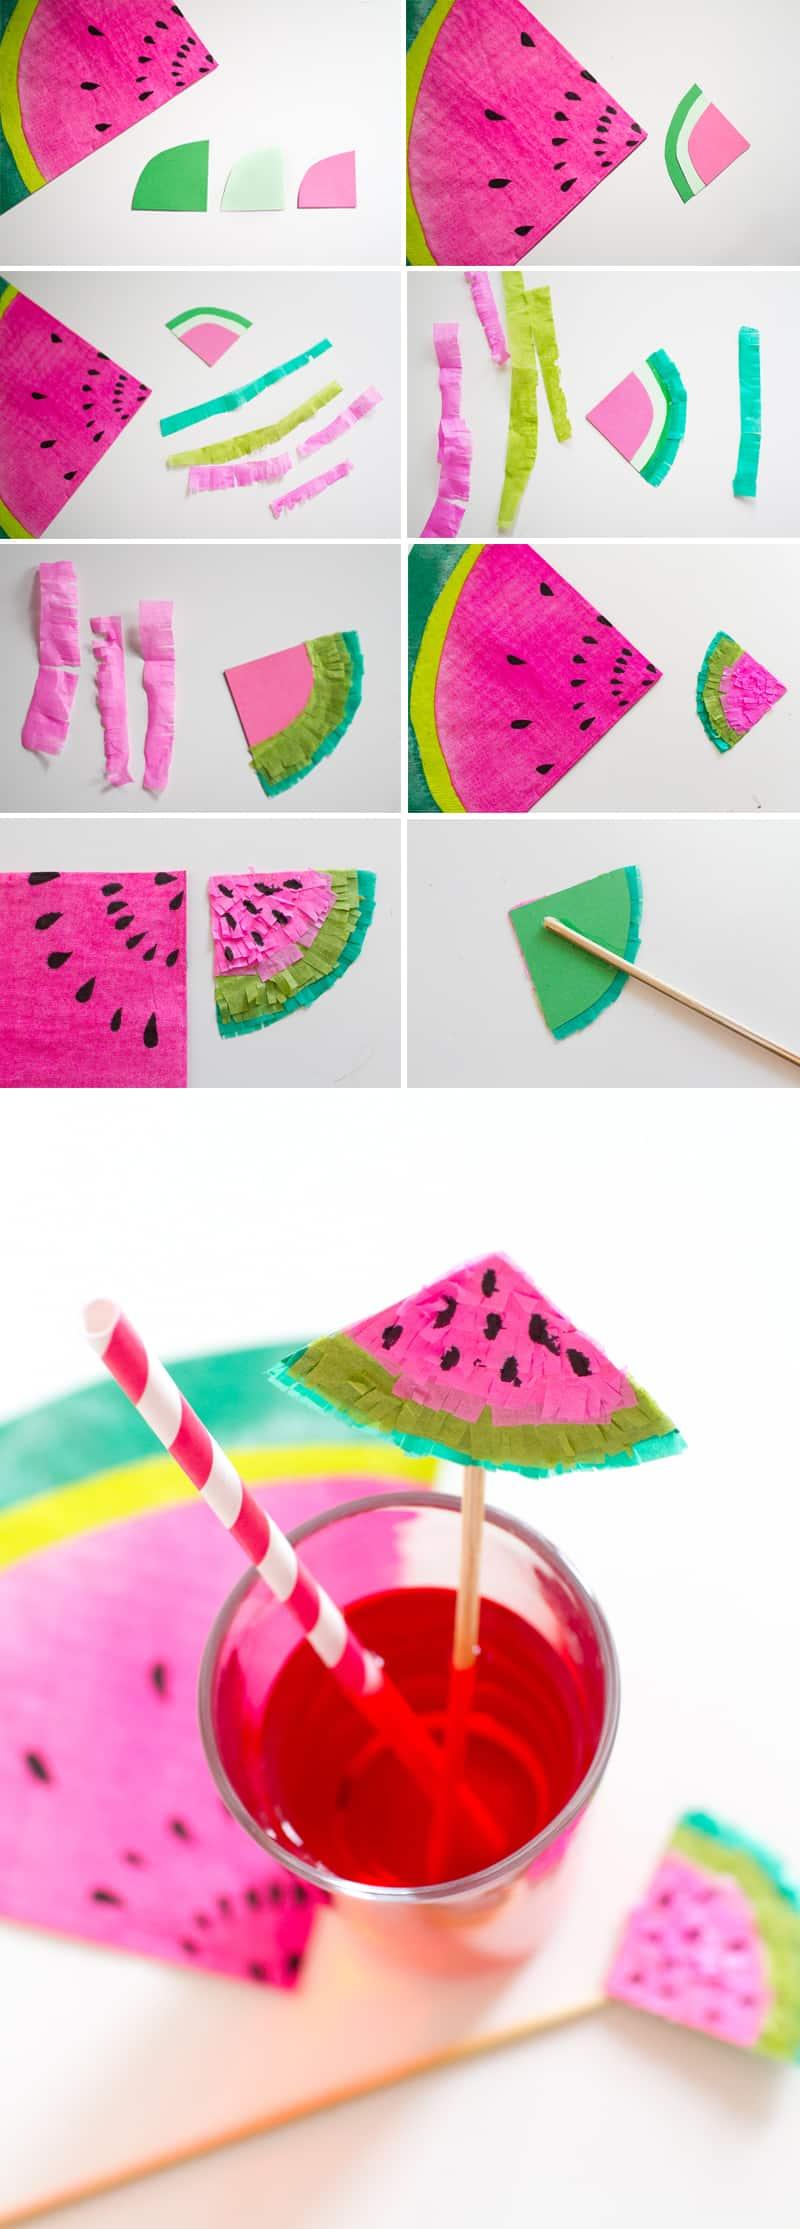 DIY Watermelon Drink Stirrers Collage